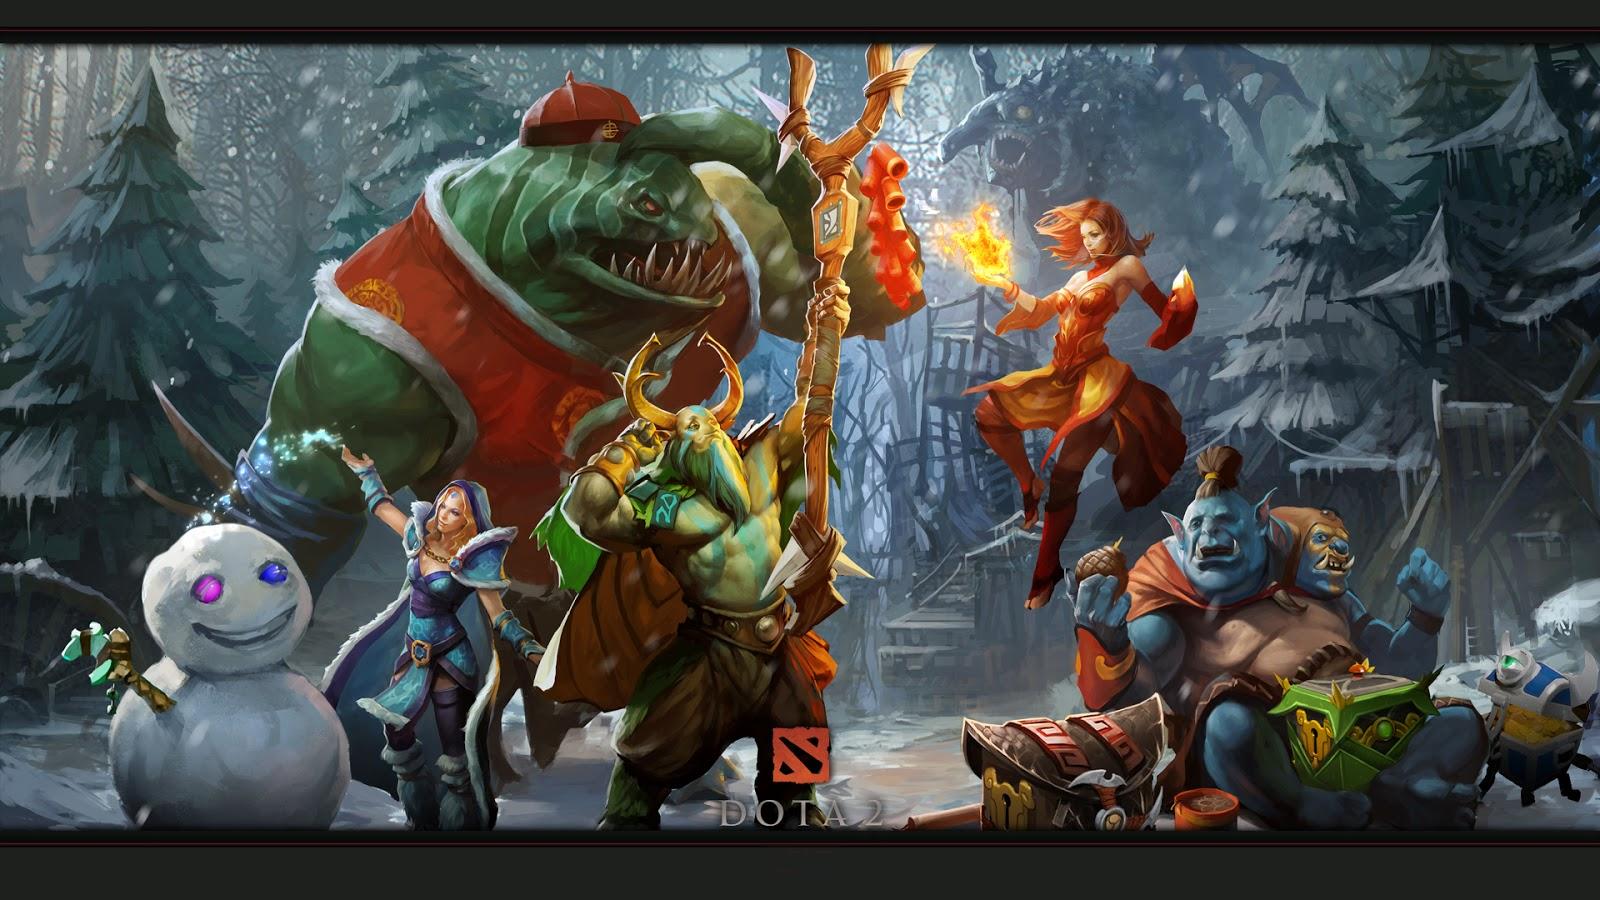 Dota 2 fantasy h wallpaper 1600x900 122679 WallpaperUP 1600x900